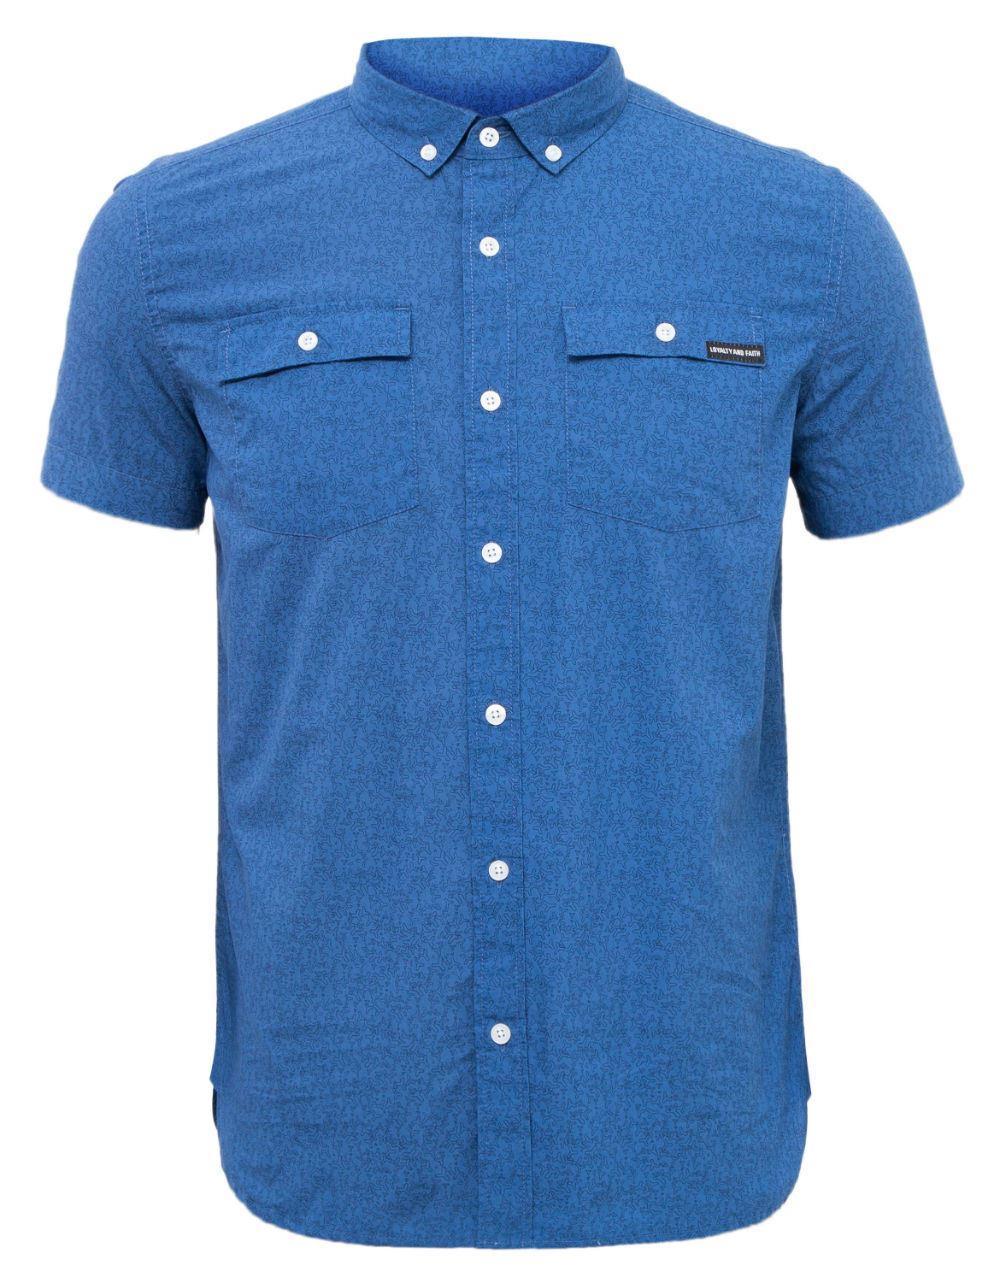 Loyalty & Faith Bronte Shirt - Blue